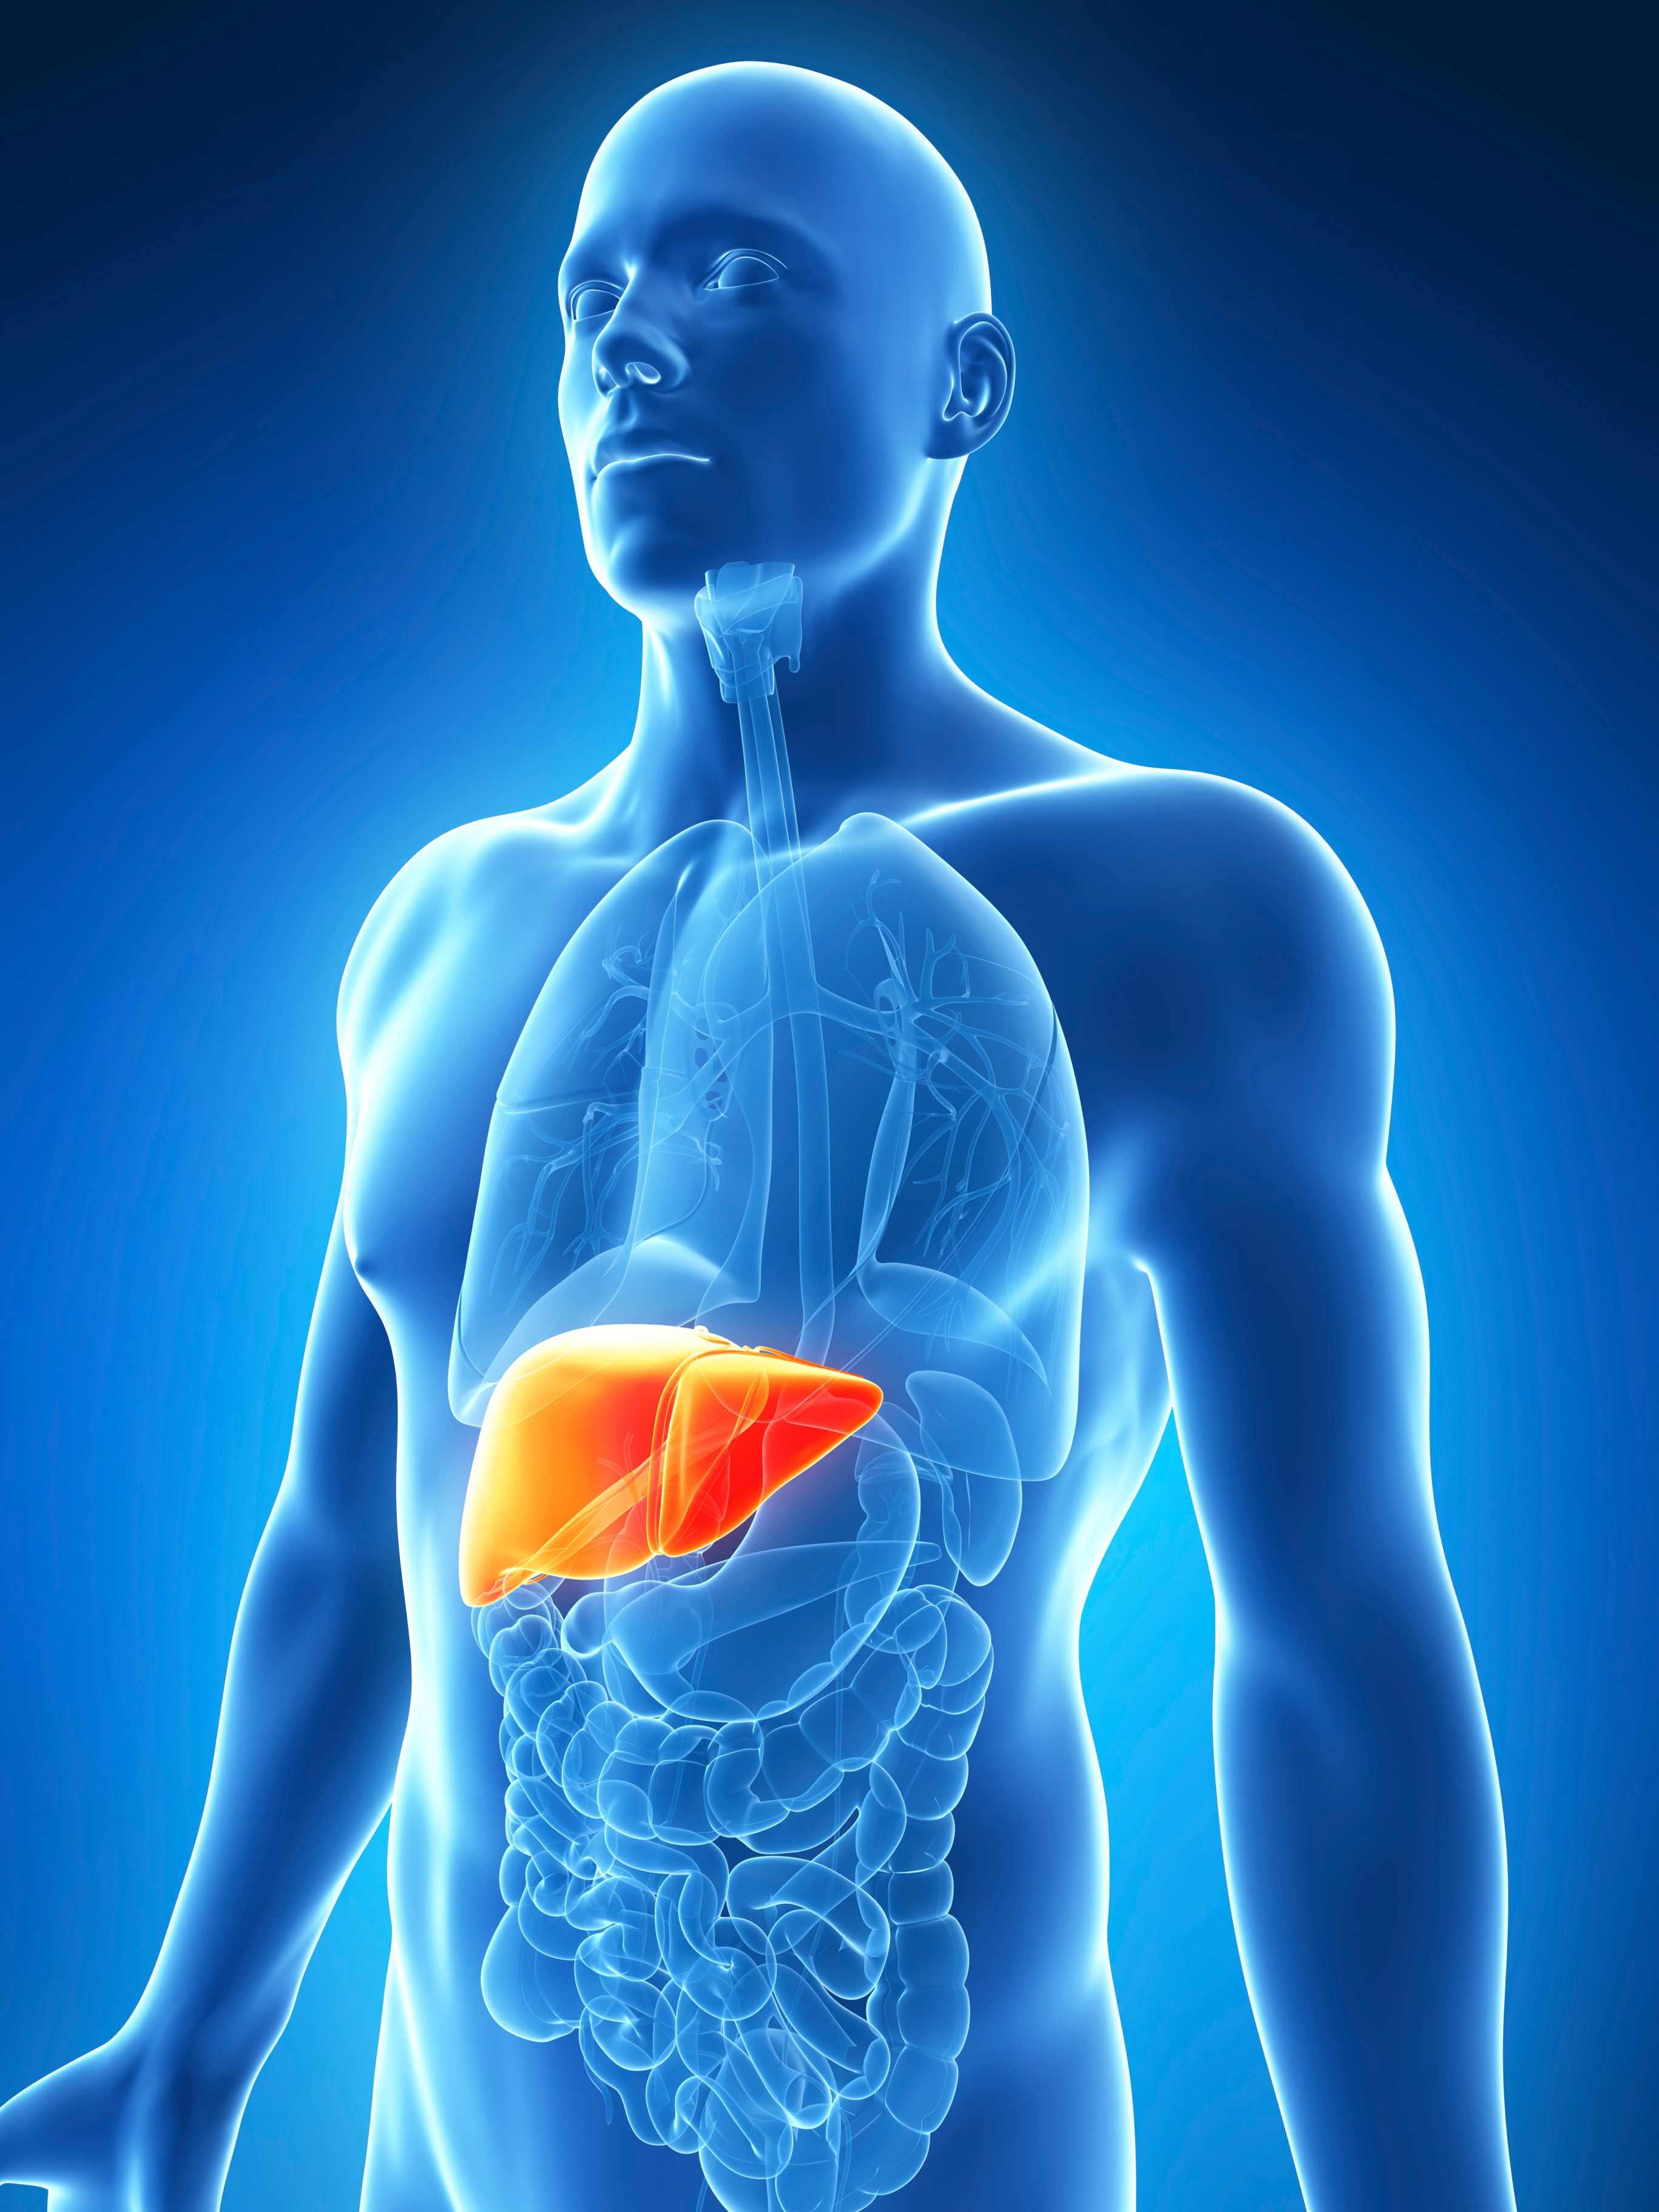 Phẫu thuật cắt bỏ một phần của gan là phương pháp loại bỏ phần gan bị ảnh hưởng bởi ung thư và một số mô xung quanh.